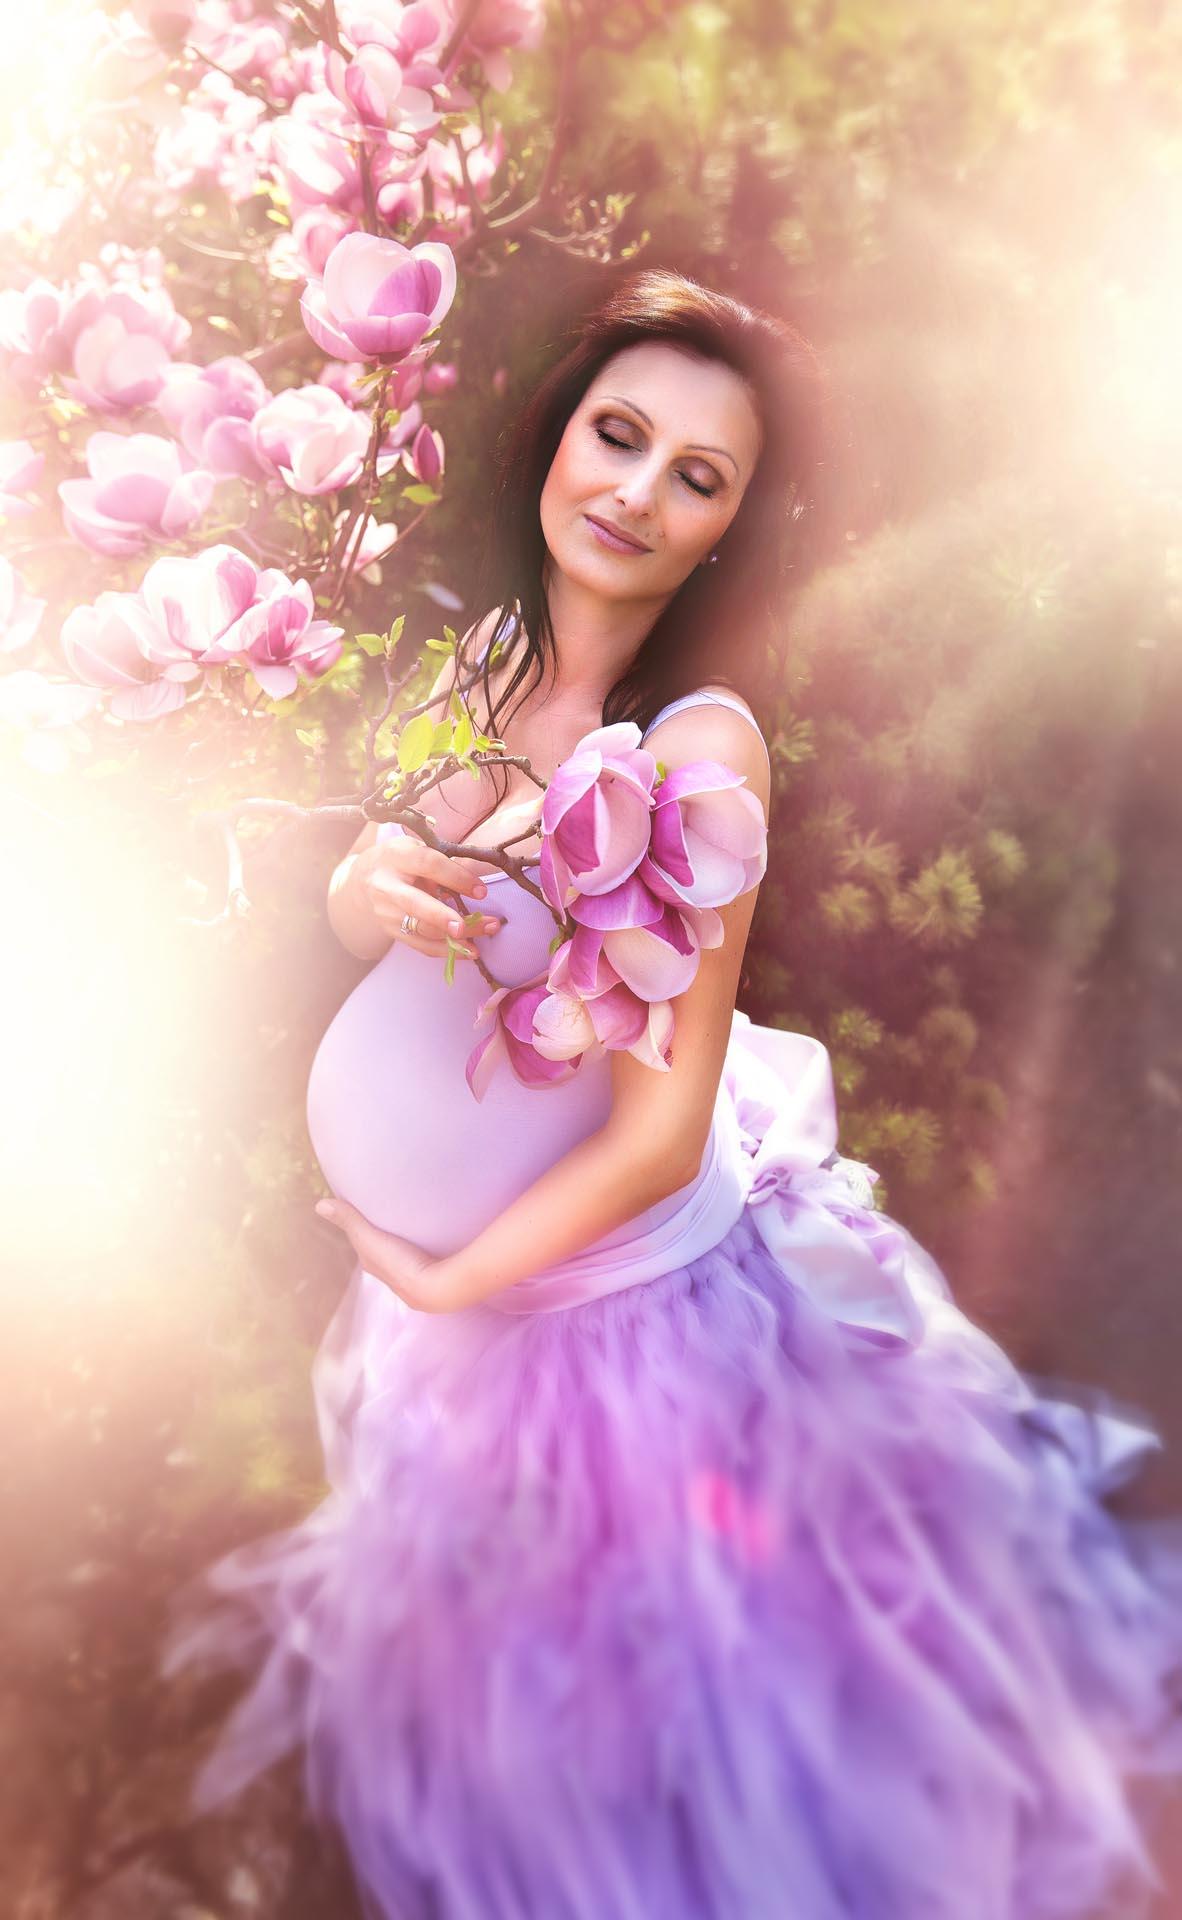 Geniales Babybauch Fotoshooting im Einklang mit der Natur